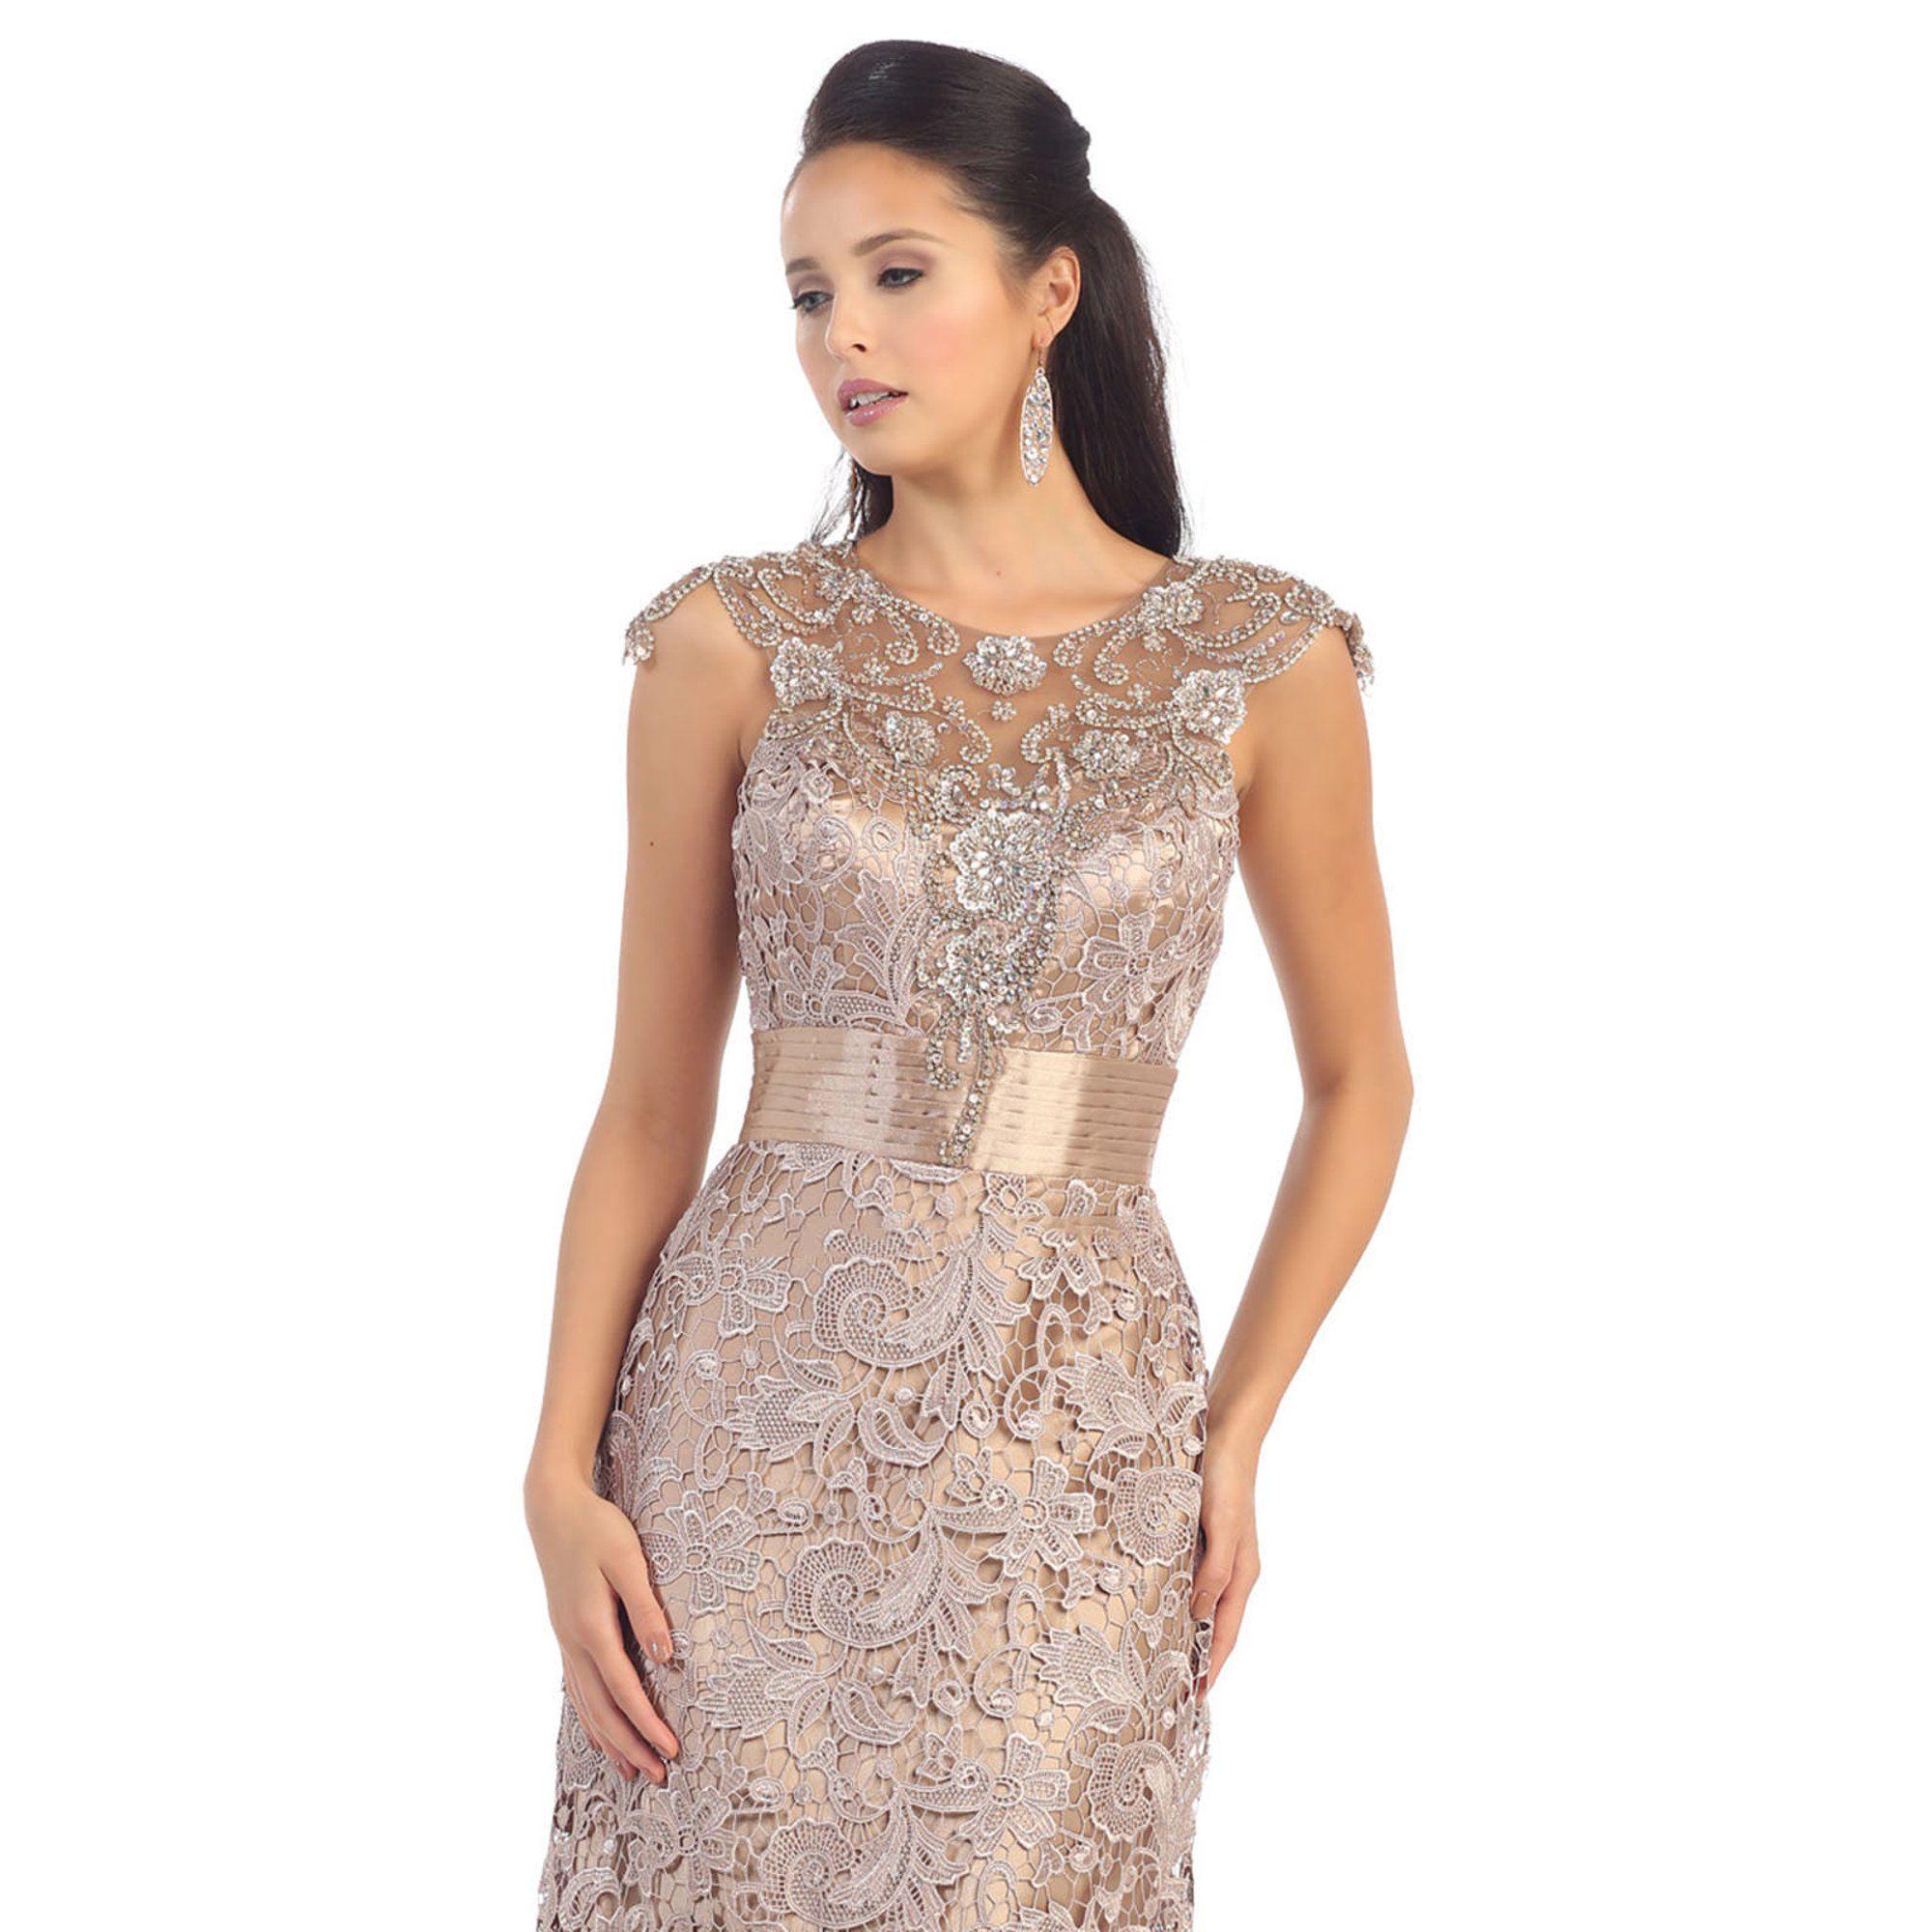 Formal Dress Shops Sale Short Modern Mother Of The Bride Dress Walmart Com Walmart Com Formal Dress Shops Dresses Mother Of The Bride Dresses [ 2000 x 2000 Pixel ]